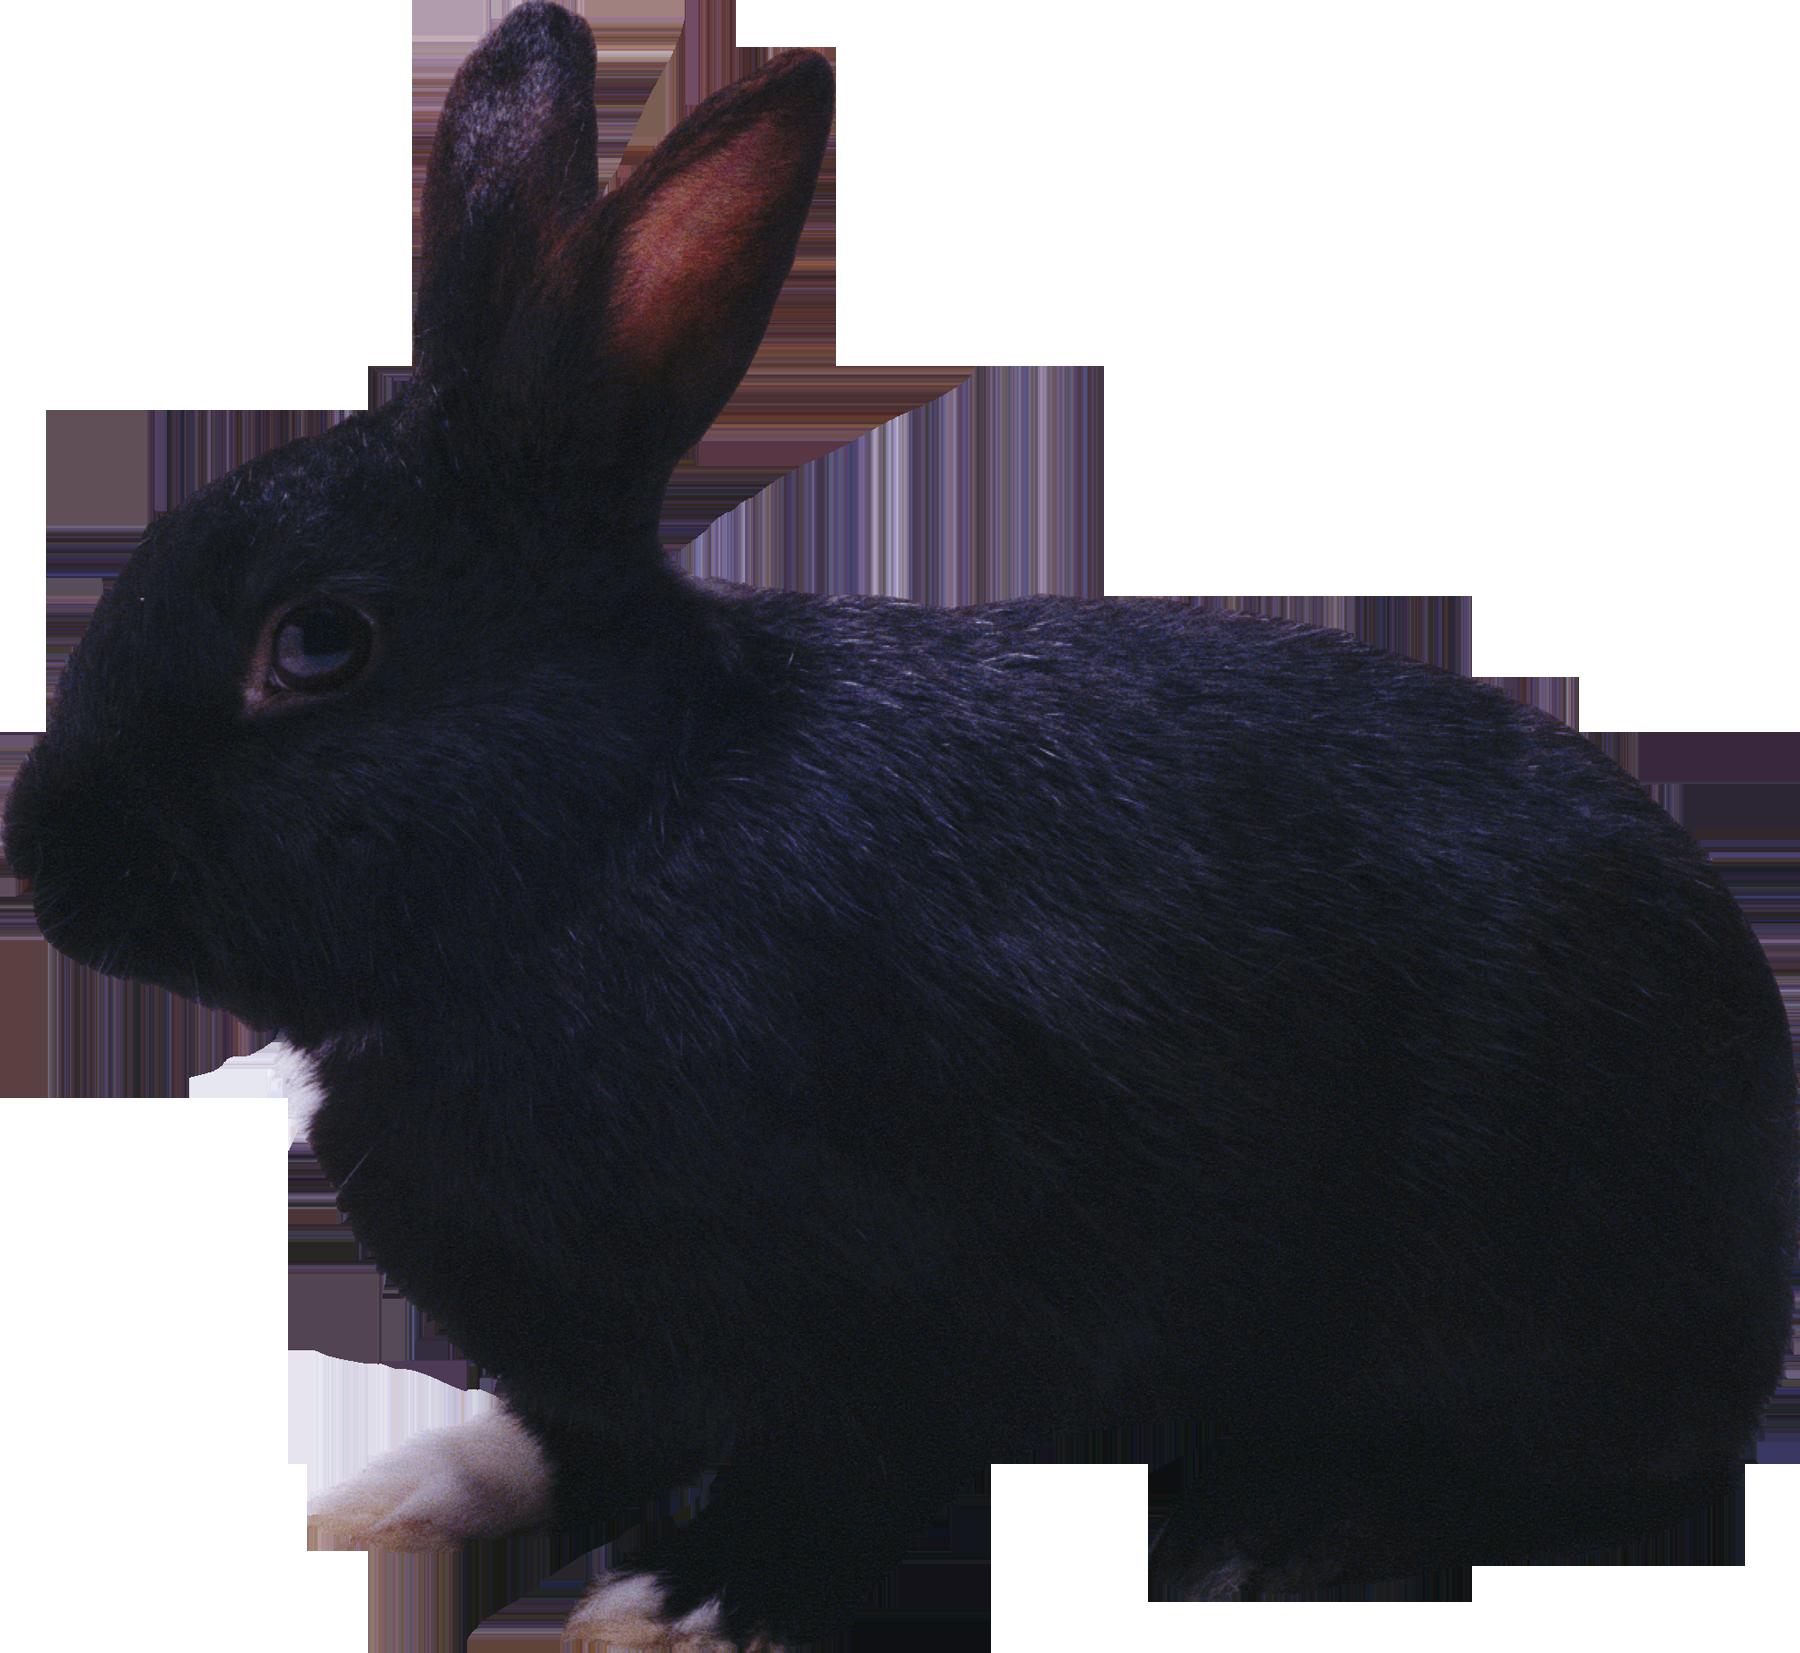 черный кролик PNG фото